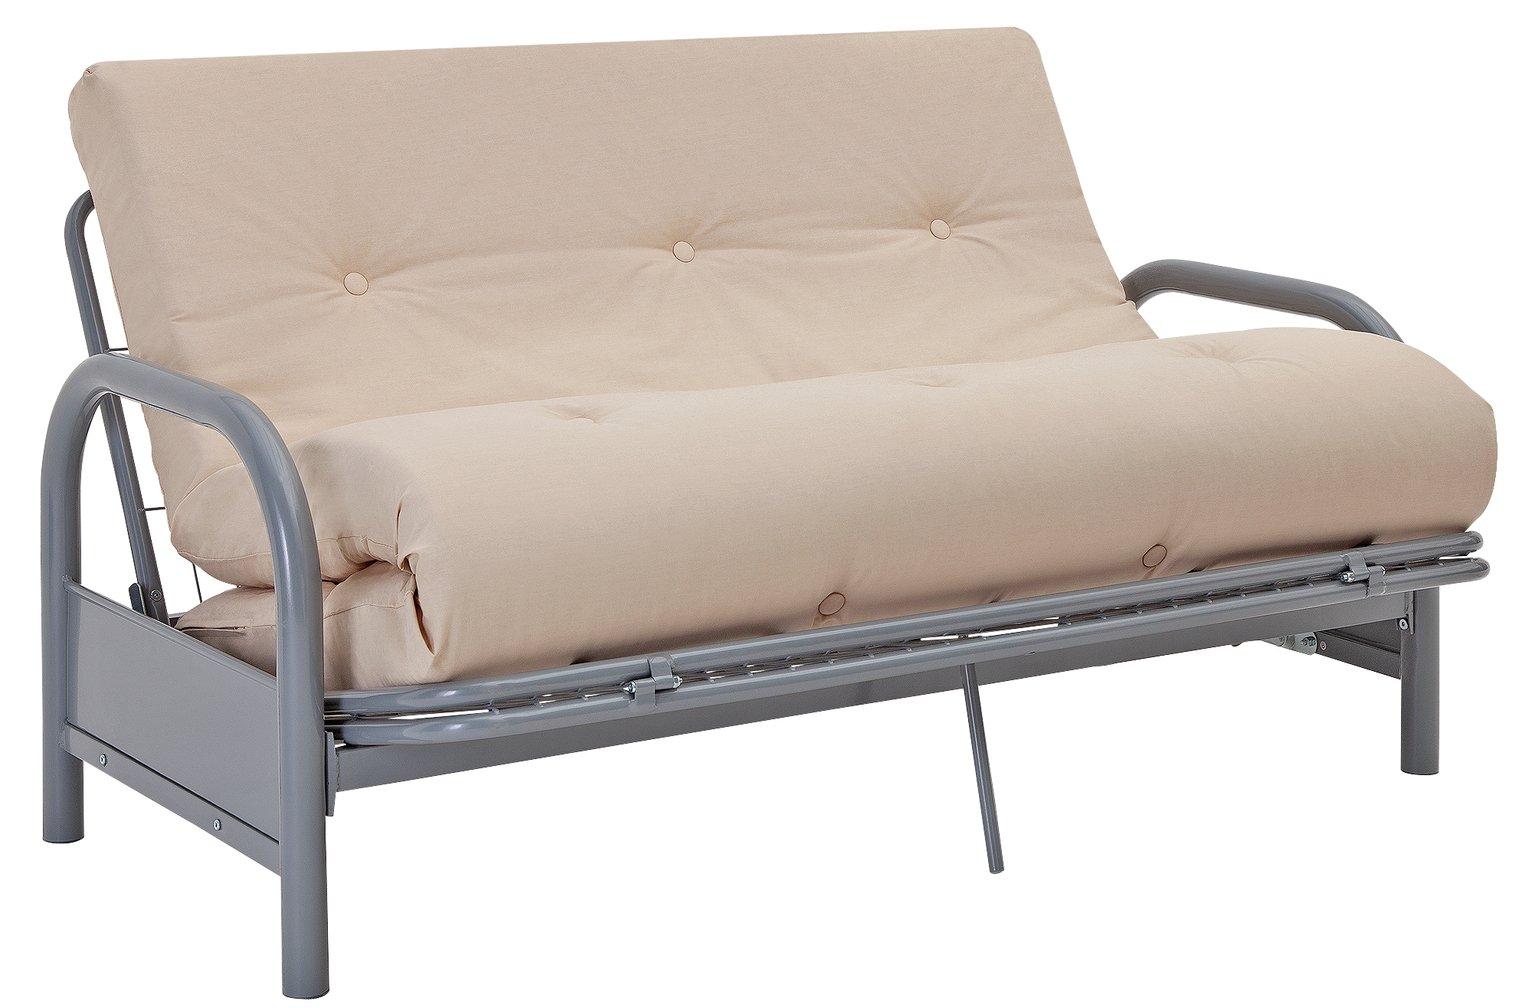 Argos Home Mexico 2 Seater Futon Sofa Bed - Natural